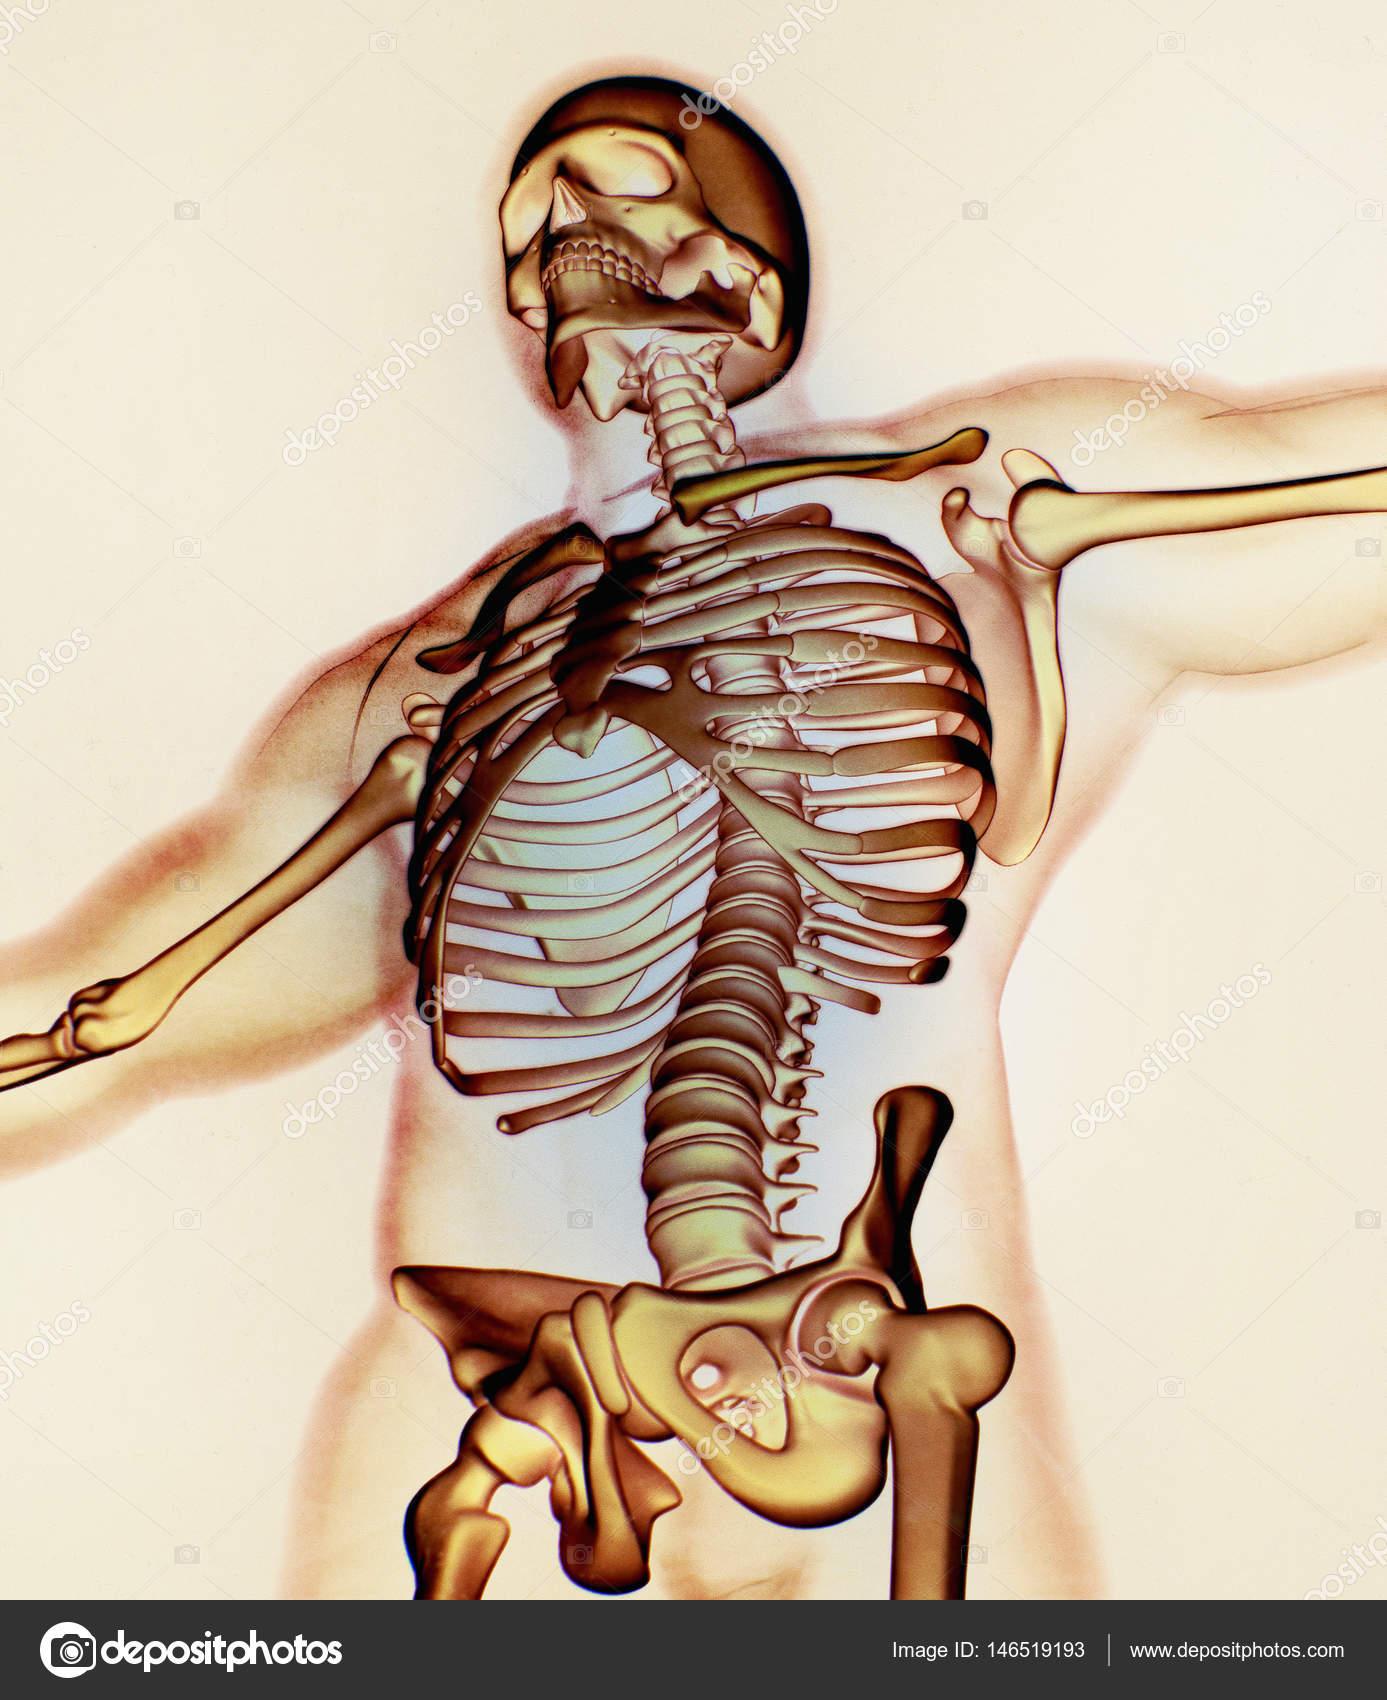 Großzügig Menschliche Anatomie Und Physiologie Knochen Galerie ...